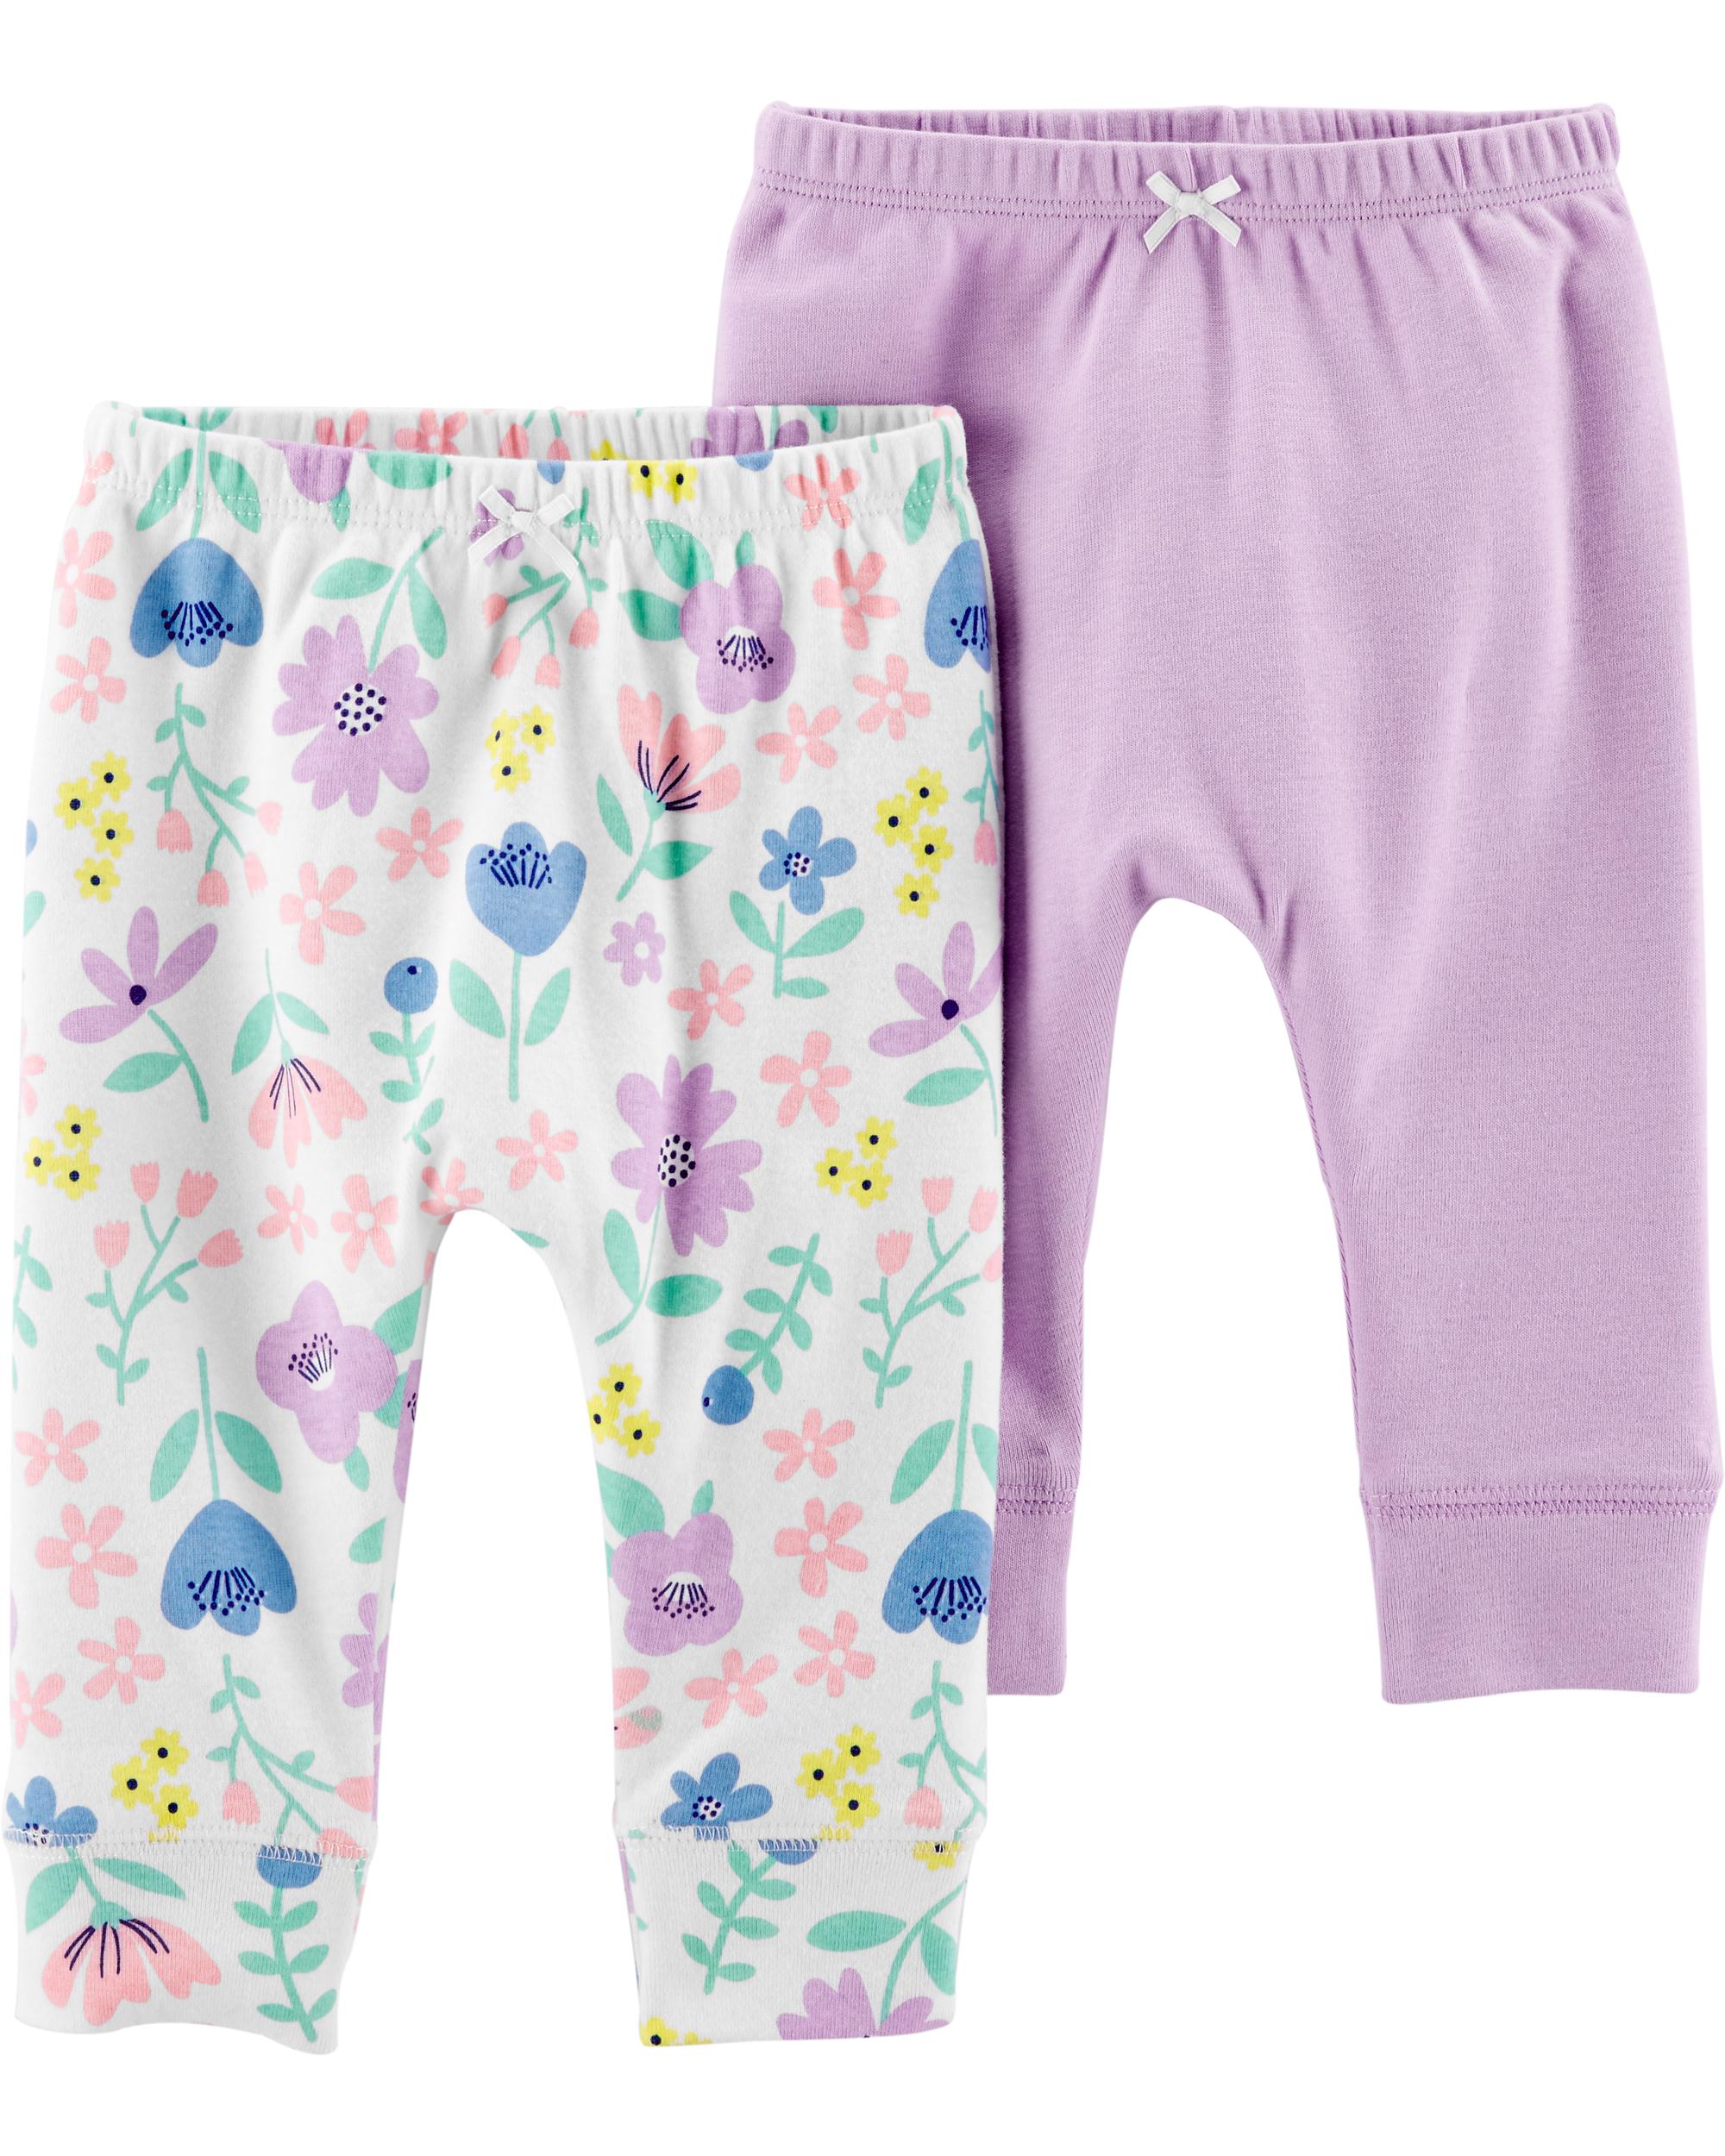 זוג מכנסיים פרחוני/סגול